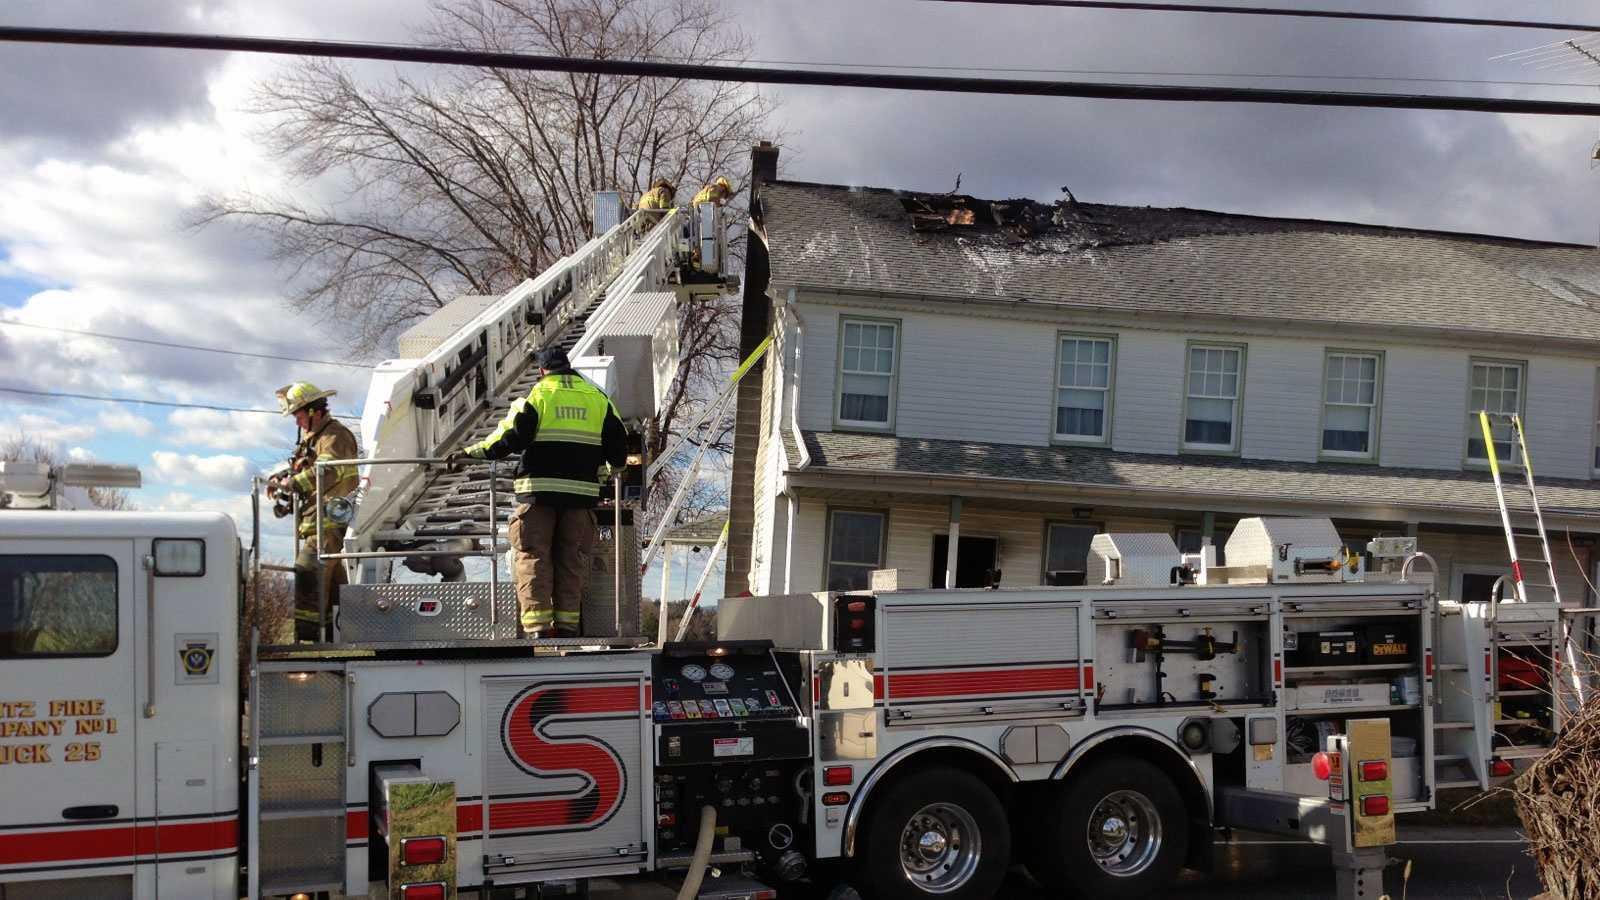 1.31 Penn Township fire